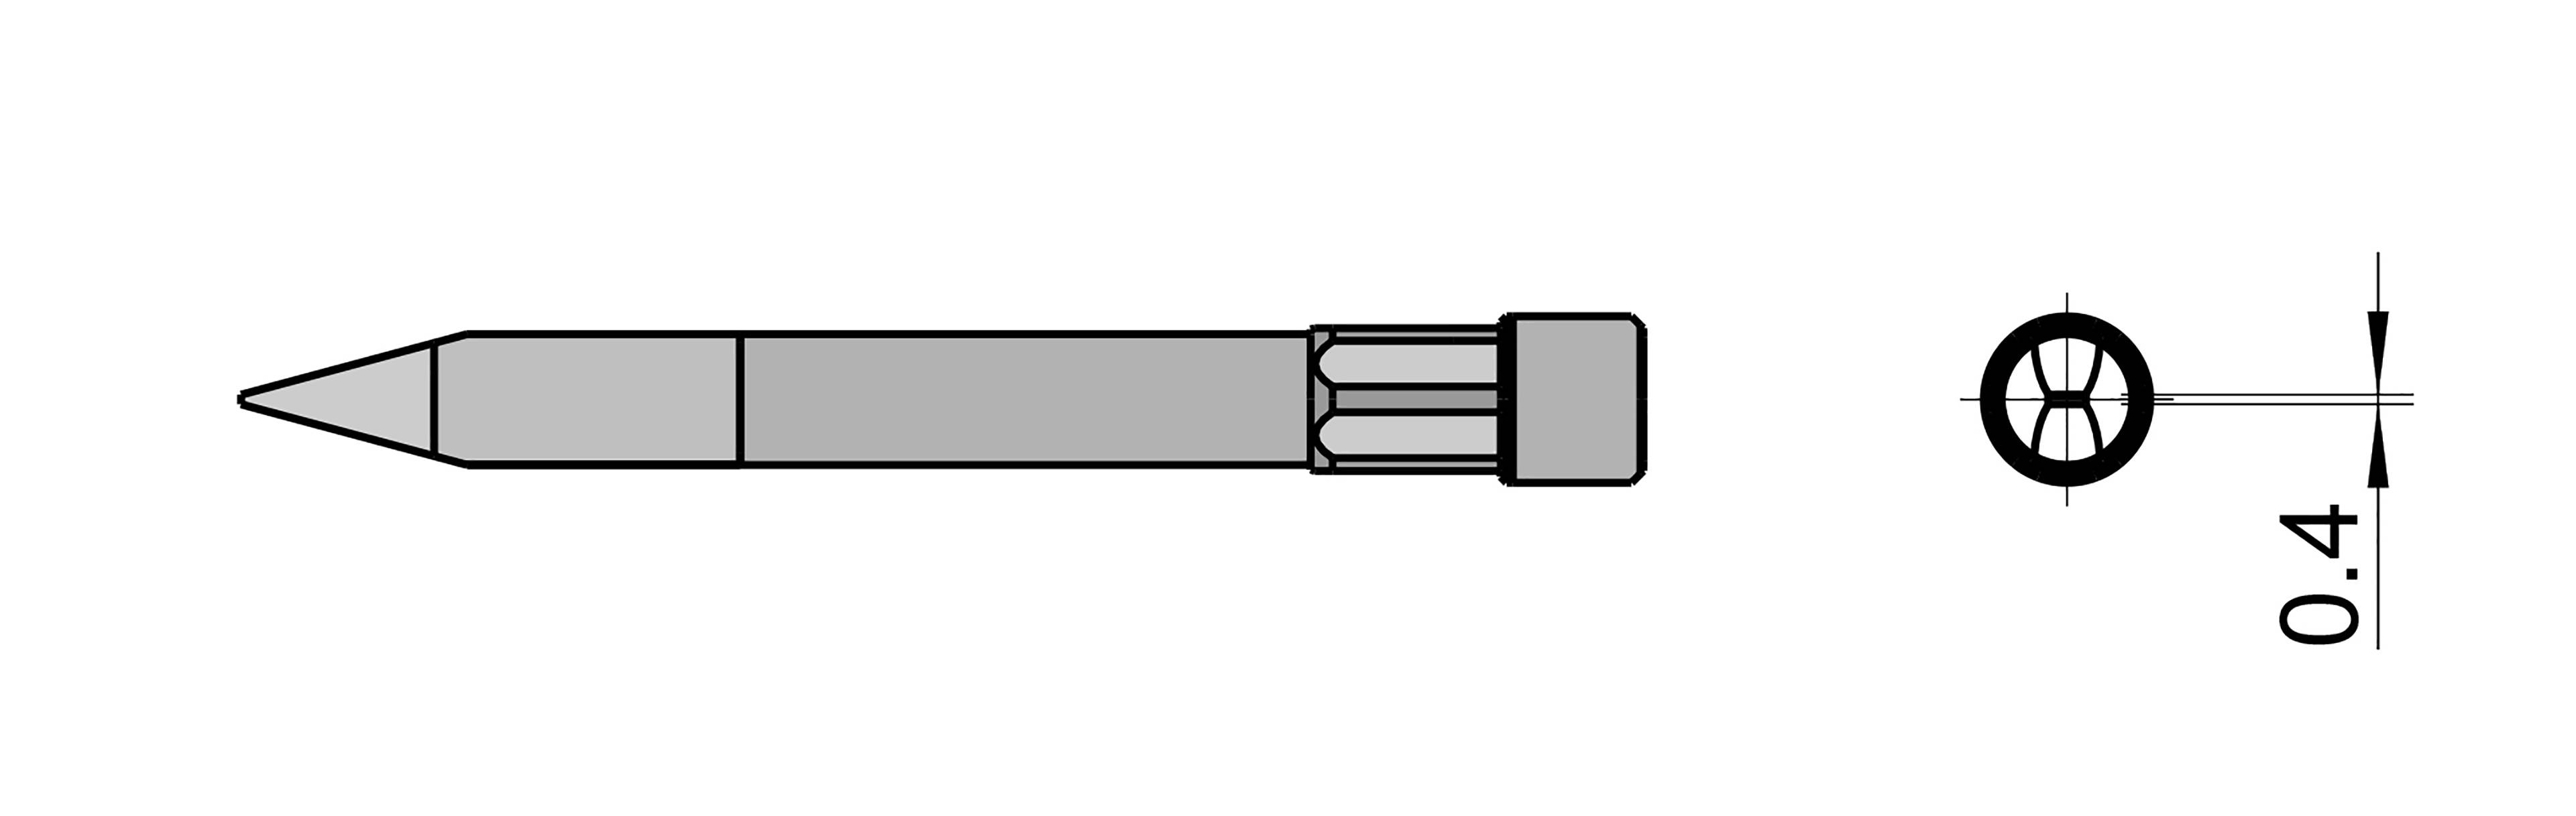 Pájecí hrot dlátový Weller Professional T0054490499, velikost hrotu 0.4 mm, délka hrotu 59 mm, 1 ks